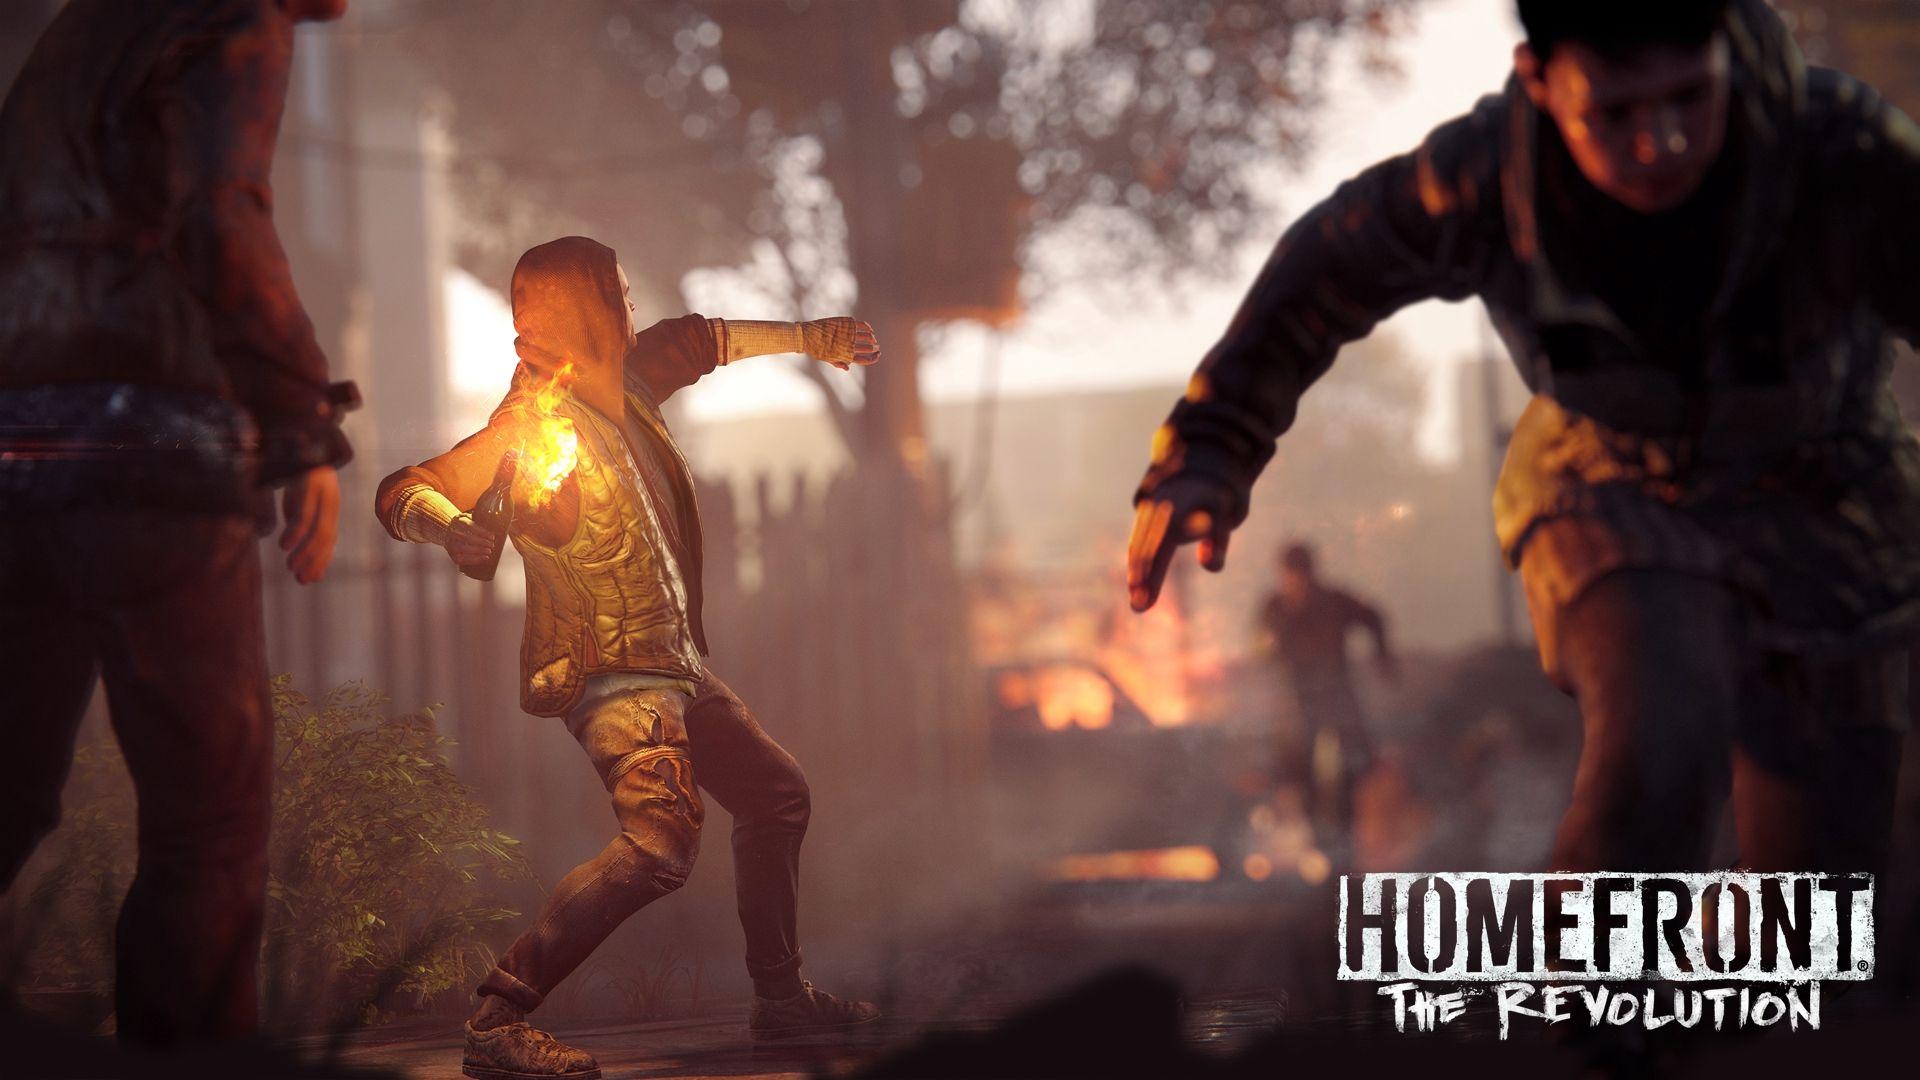 [E3 14] Primeras imágenes y trailer de Homefront: The Revolution para PS4, Xbox One y PC 1n5b